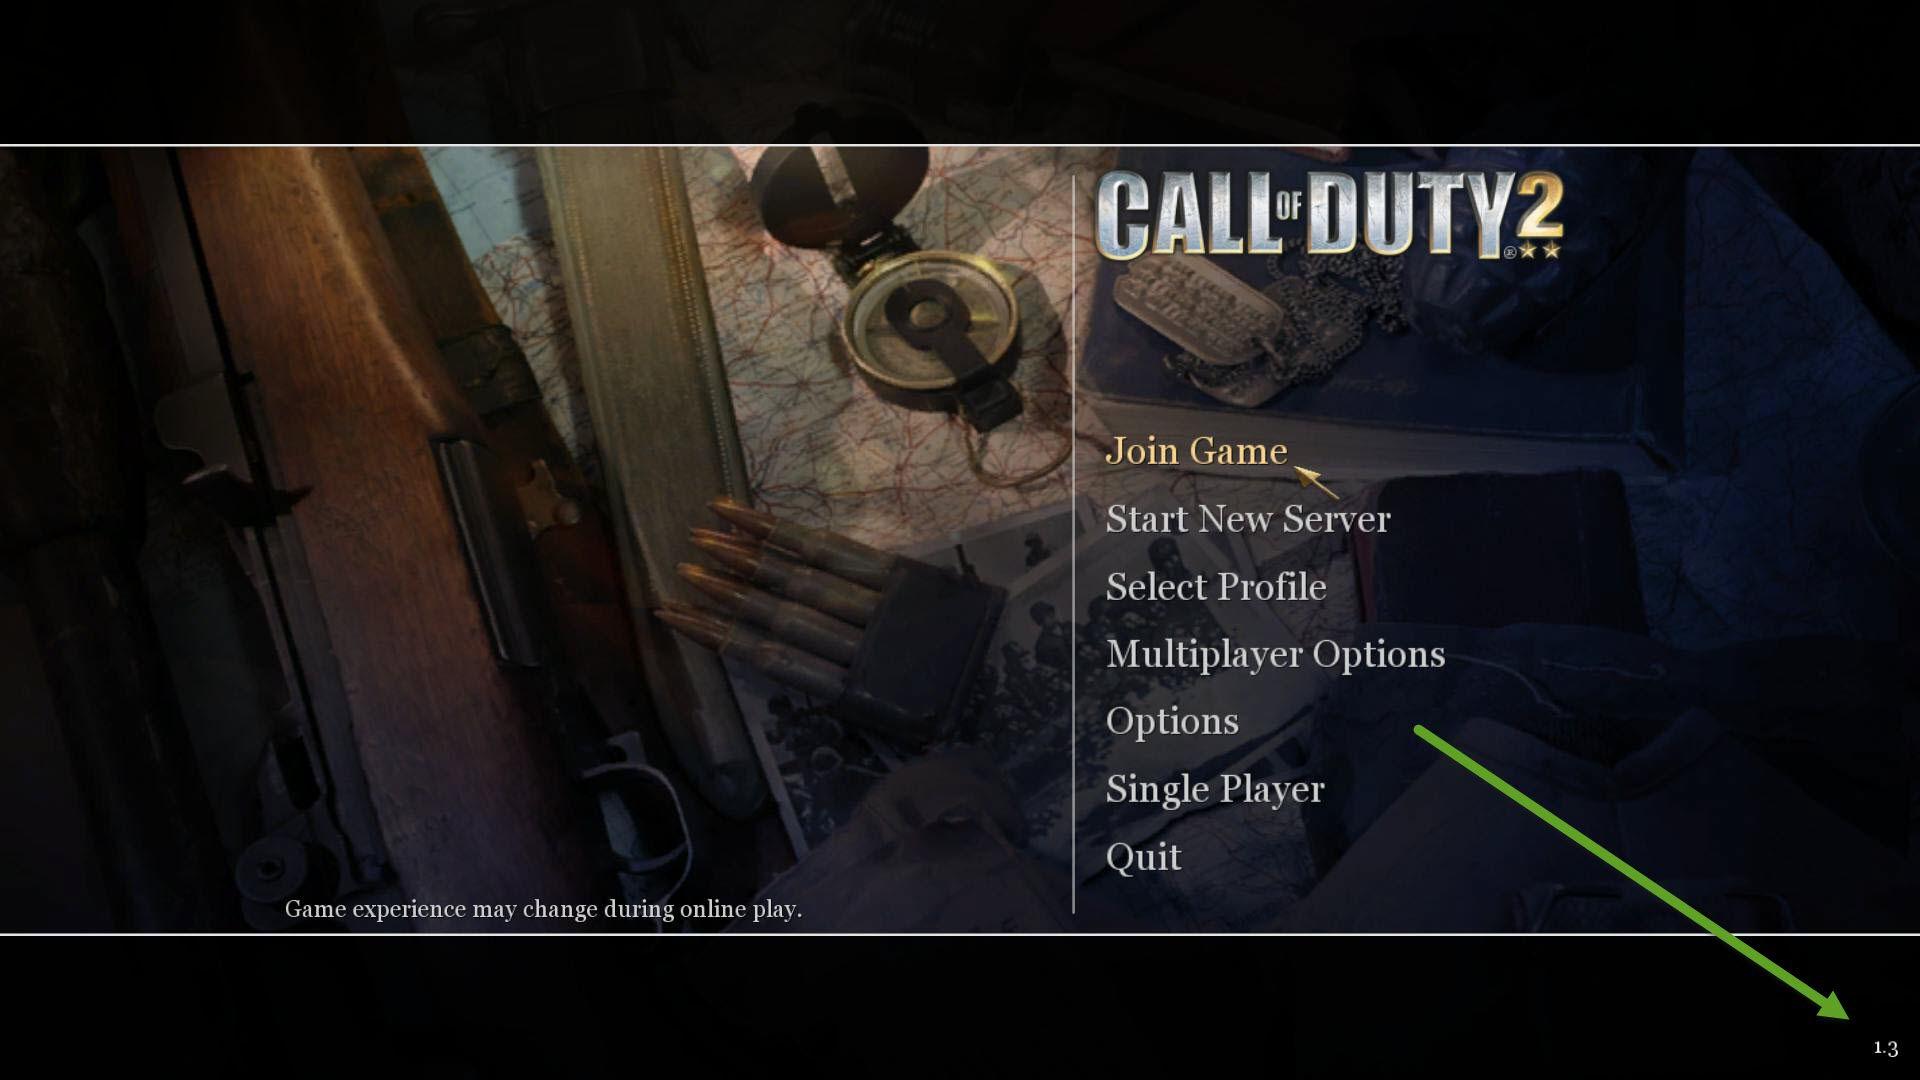 Call of Duty 2 Versiyon Numarası Bulmak